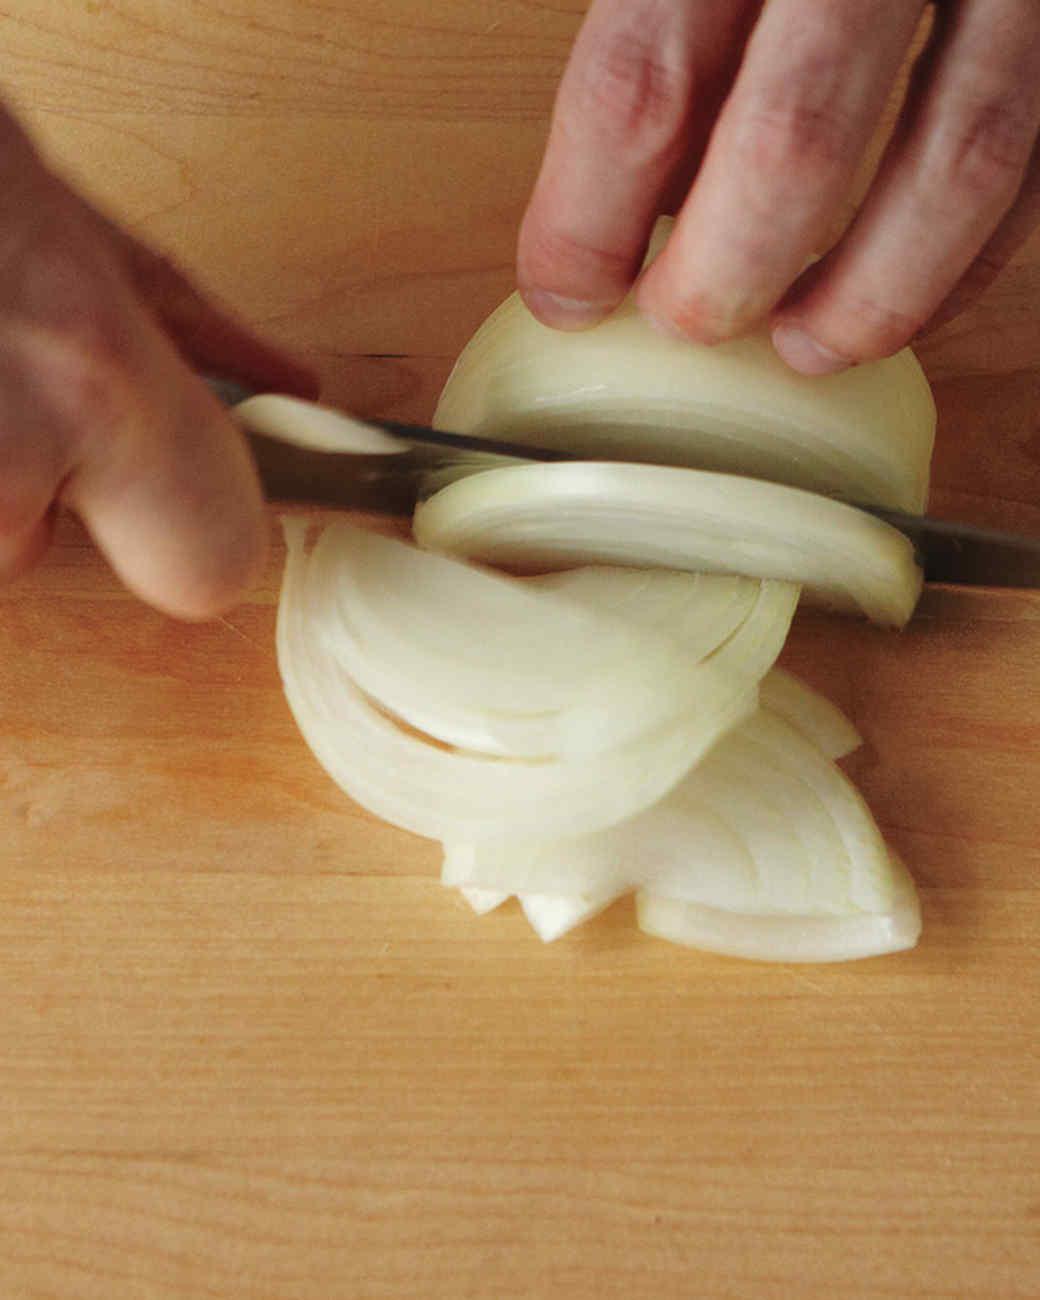 onion-slice-2-med108359.jpg